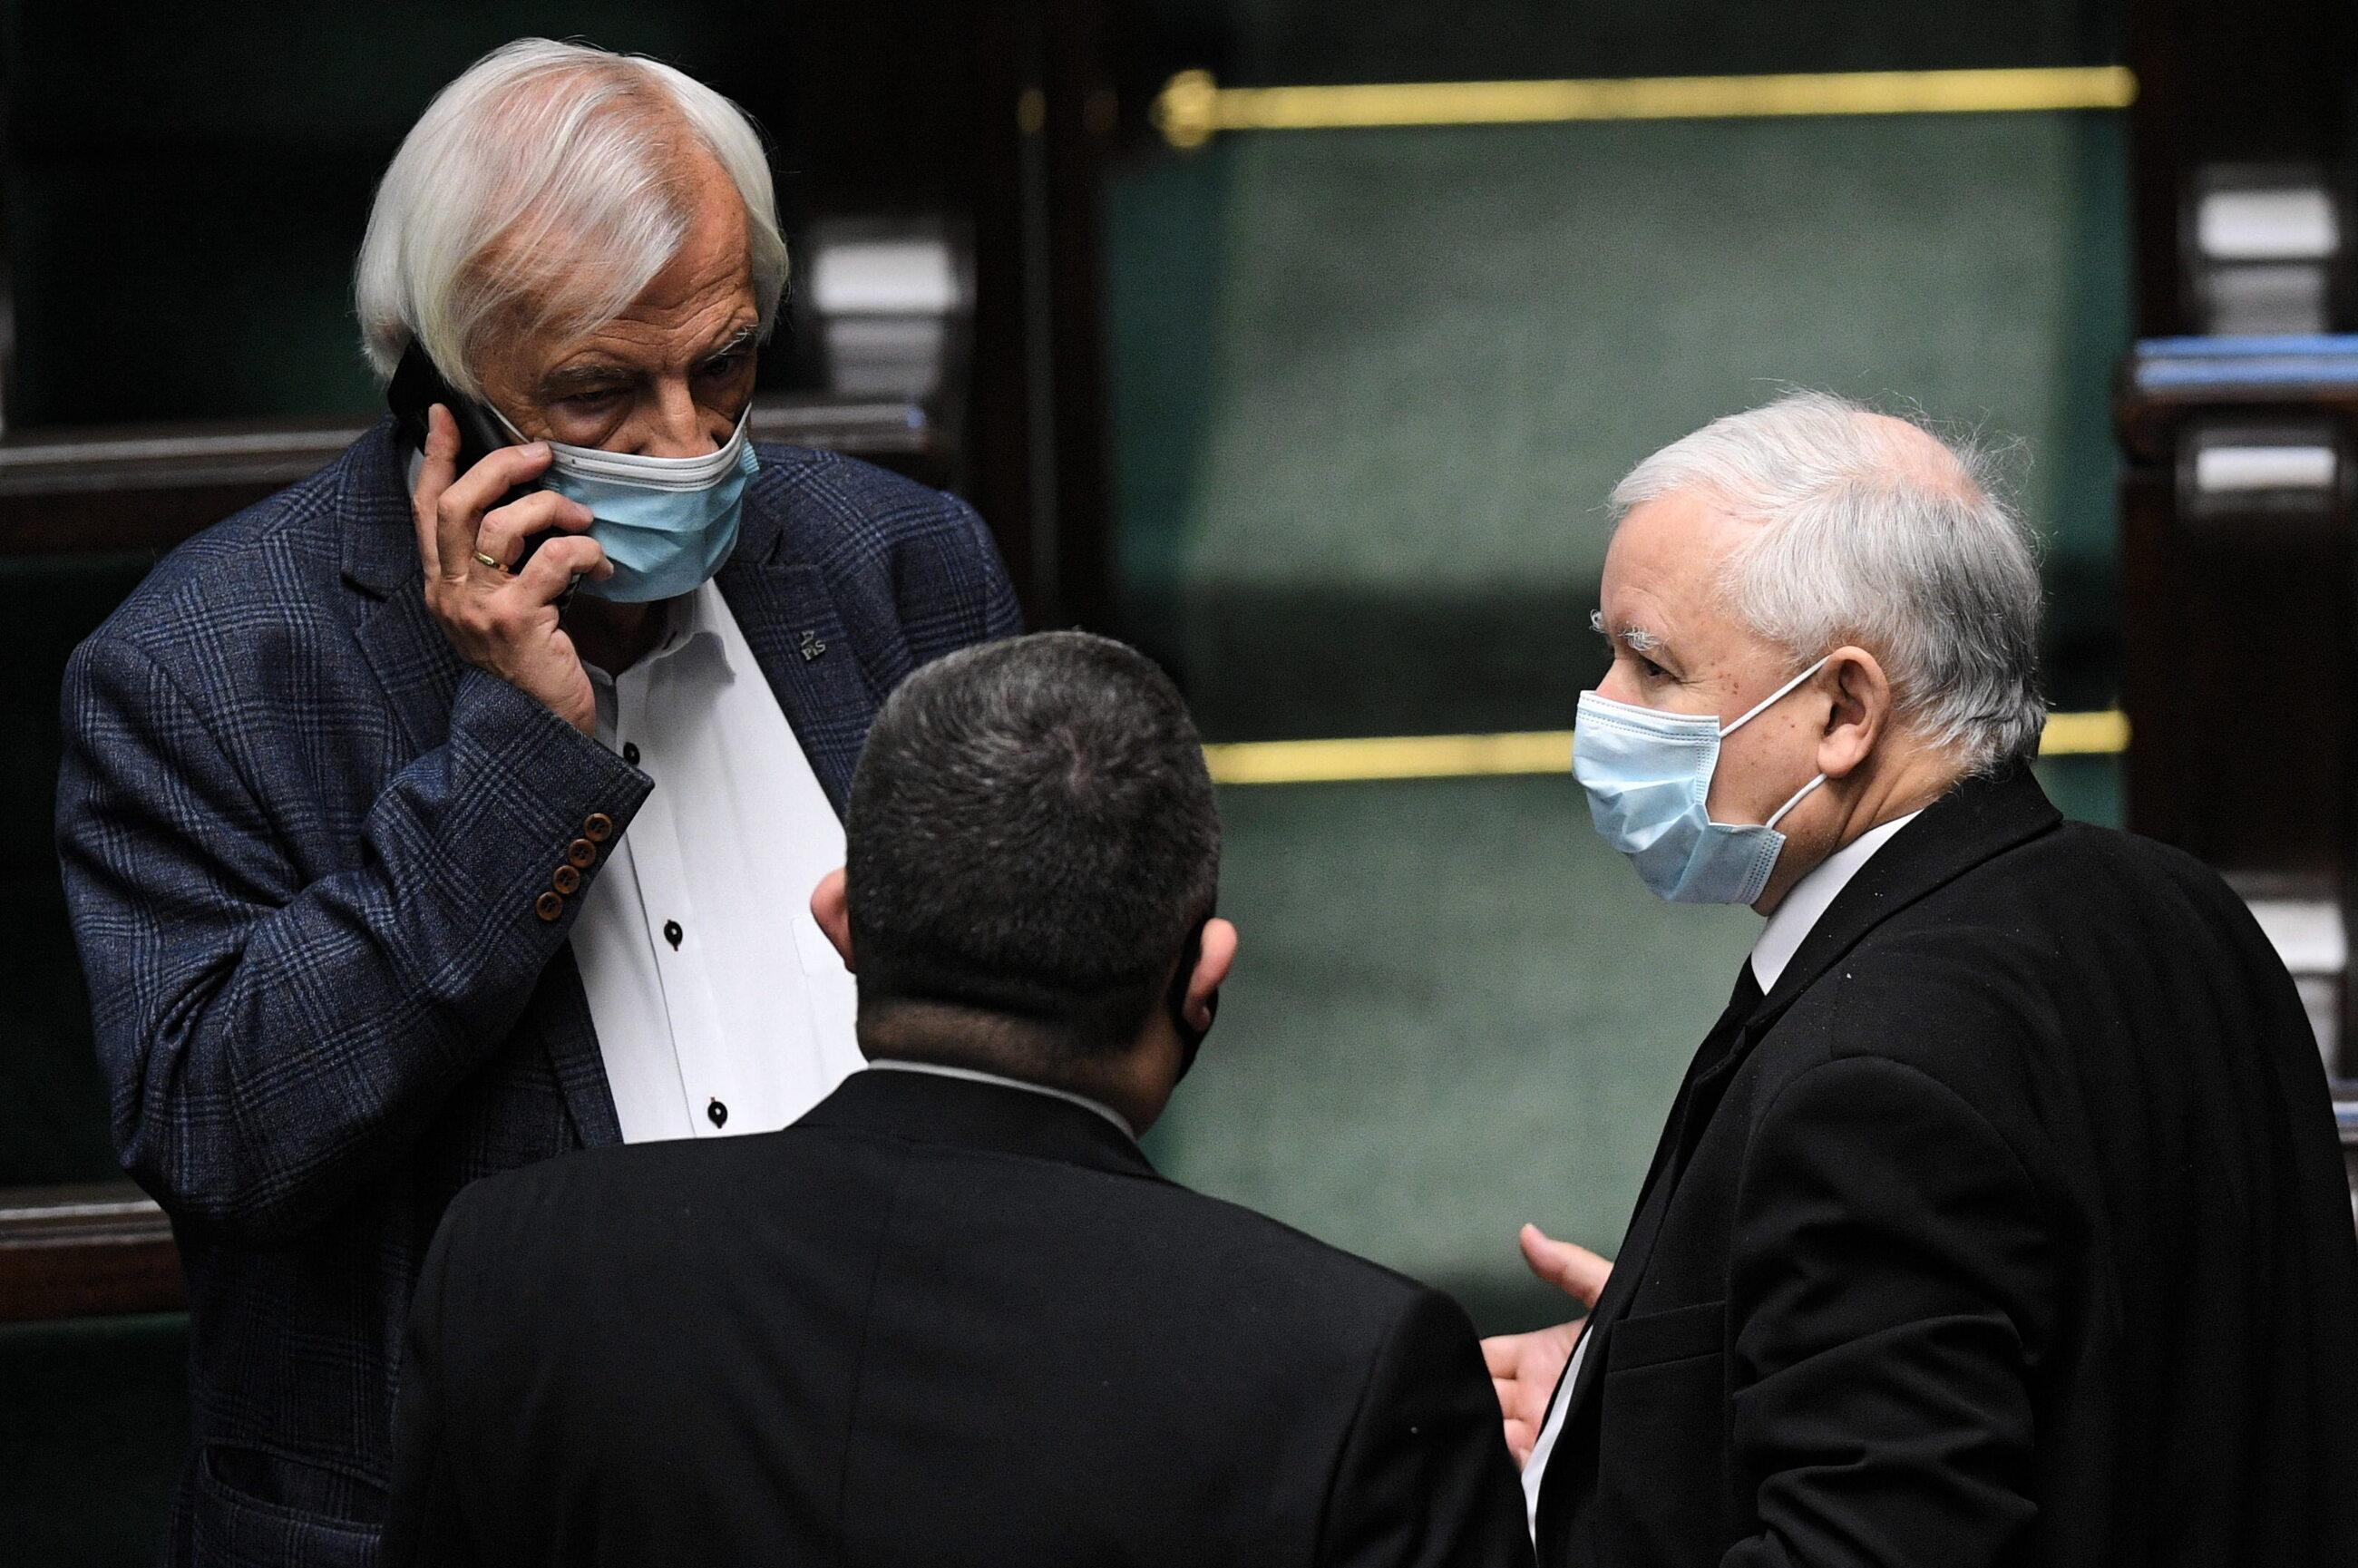 Prezes PiS Jarosław Kaczyński (P) i wicemarszałek Sejmu Ryszrad Terlecki